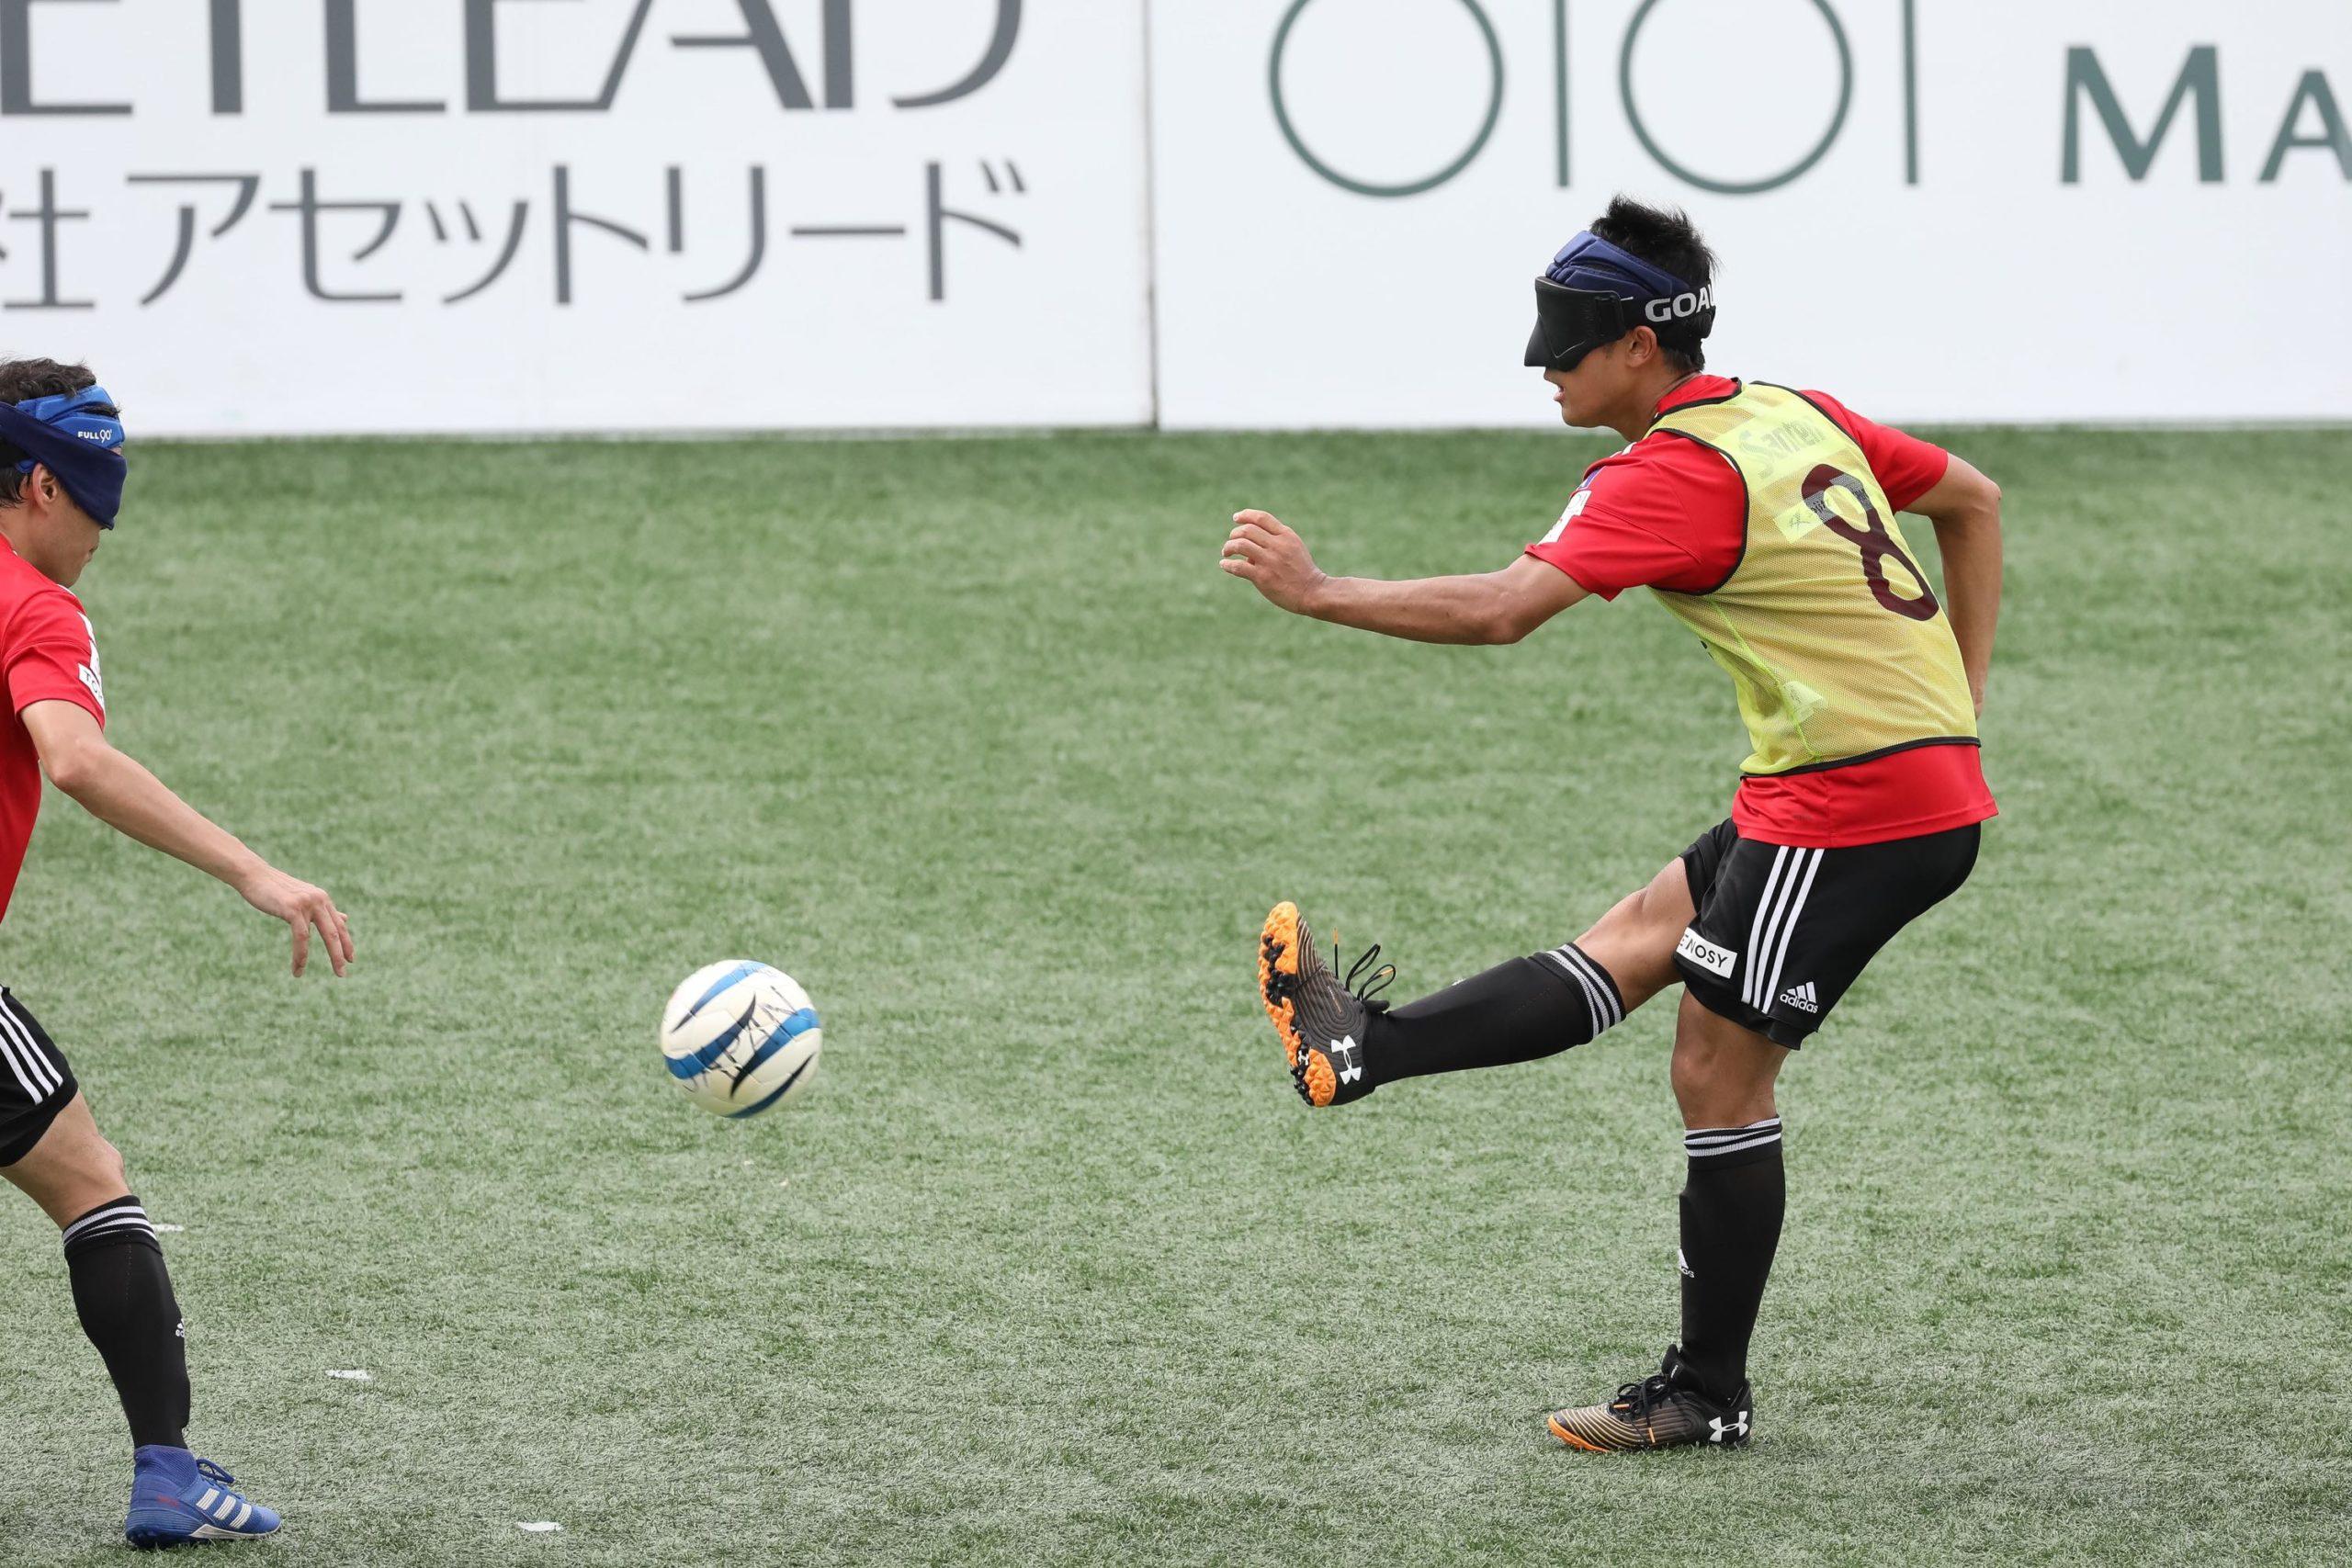 ブラサカ日本代表監督、パラリンピックは「無観客でもやりたい」。コンディションは過去最高